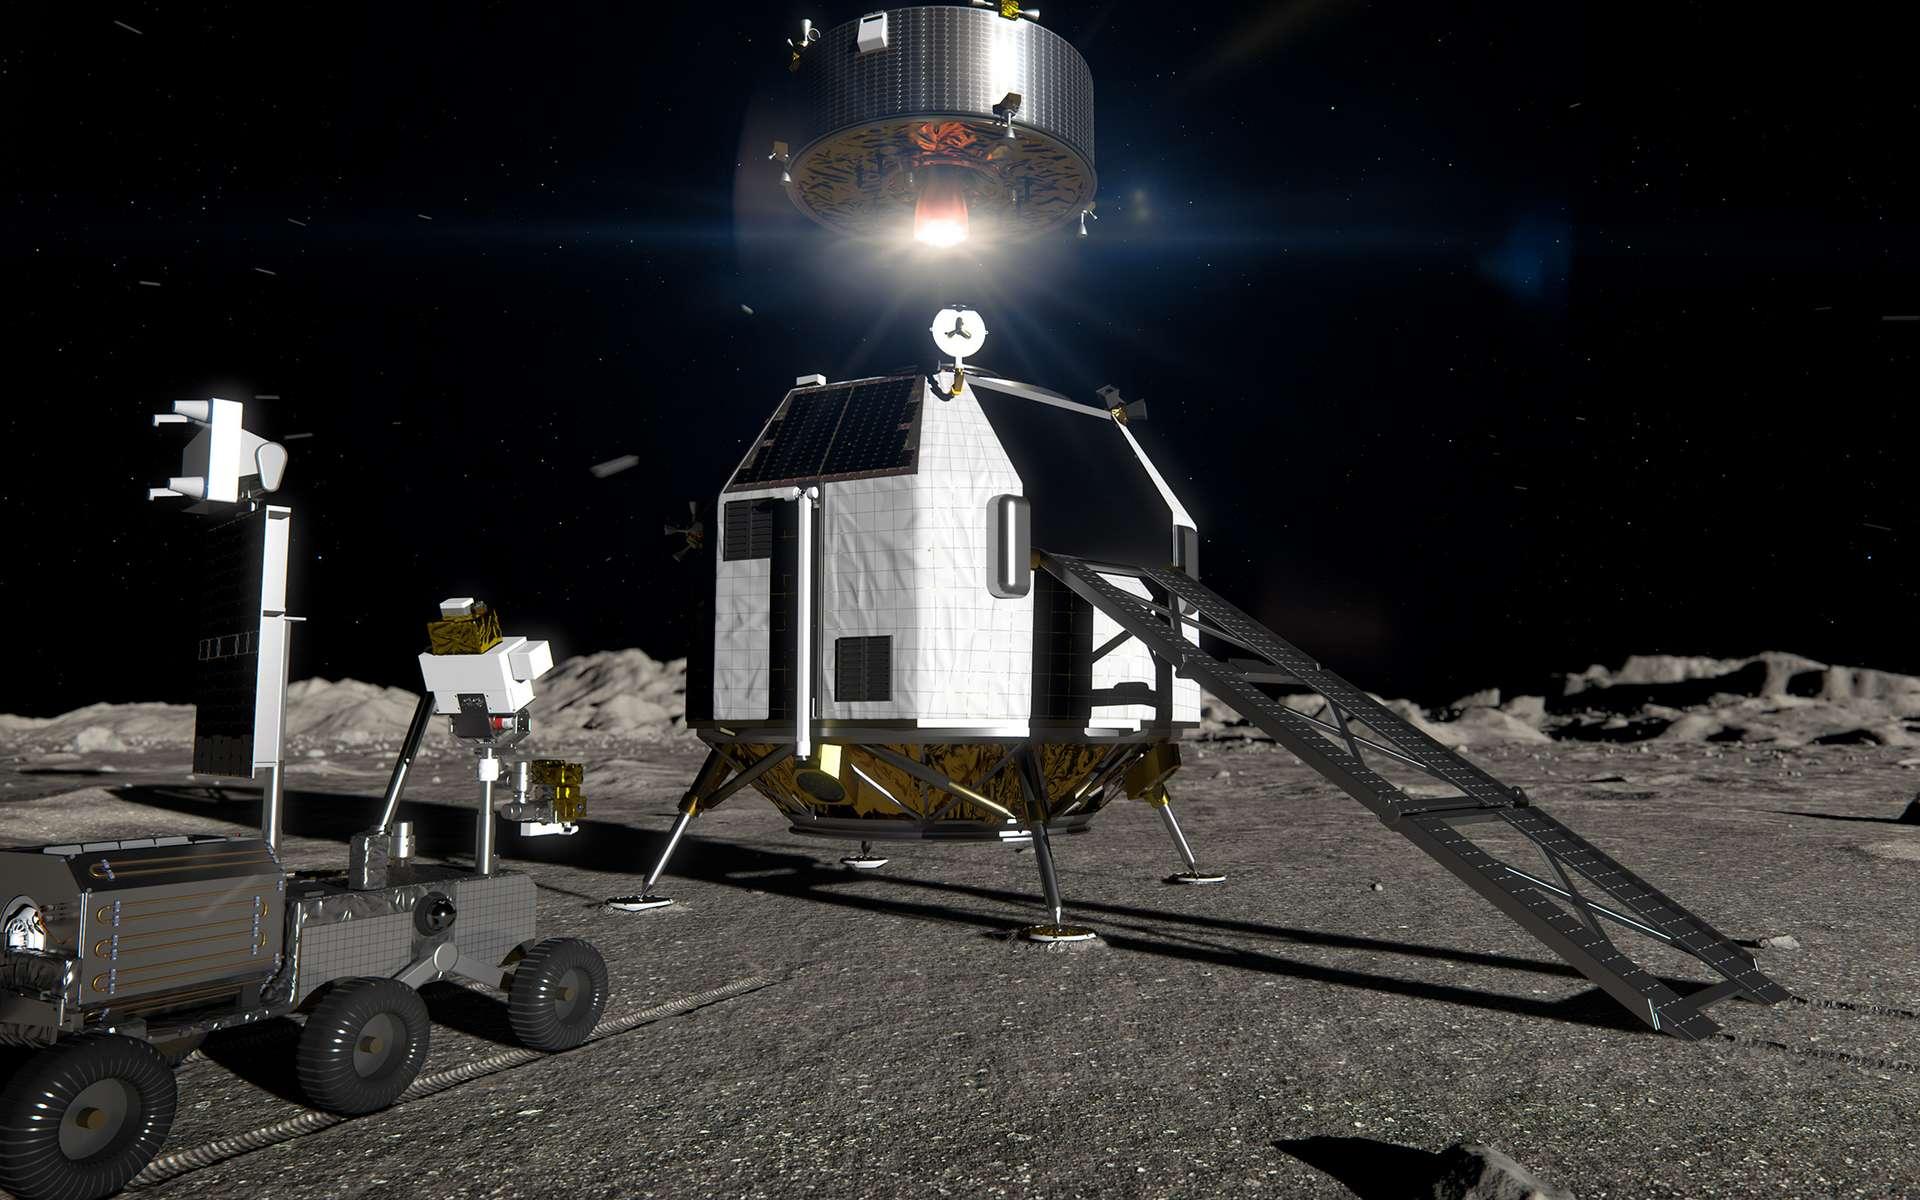 Concept d'alunisseur logistique lourd européen (EL3) capable de transporter jusqu'à 1,7 tonne de fret vers n'importe quel endroit de la surface lunaire. Ce lander pourrait être utilisé dans le cadre de mission Artemis de la Nasa ou pour des missions scientifiques propres à l'ESA. © ESA, ATG-Medialab